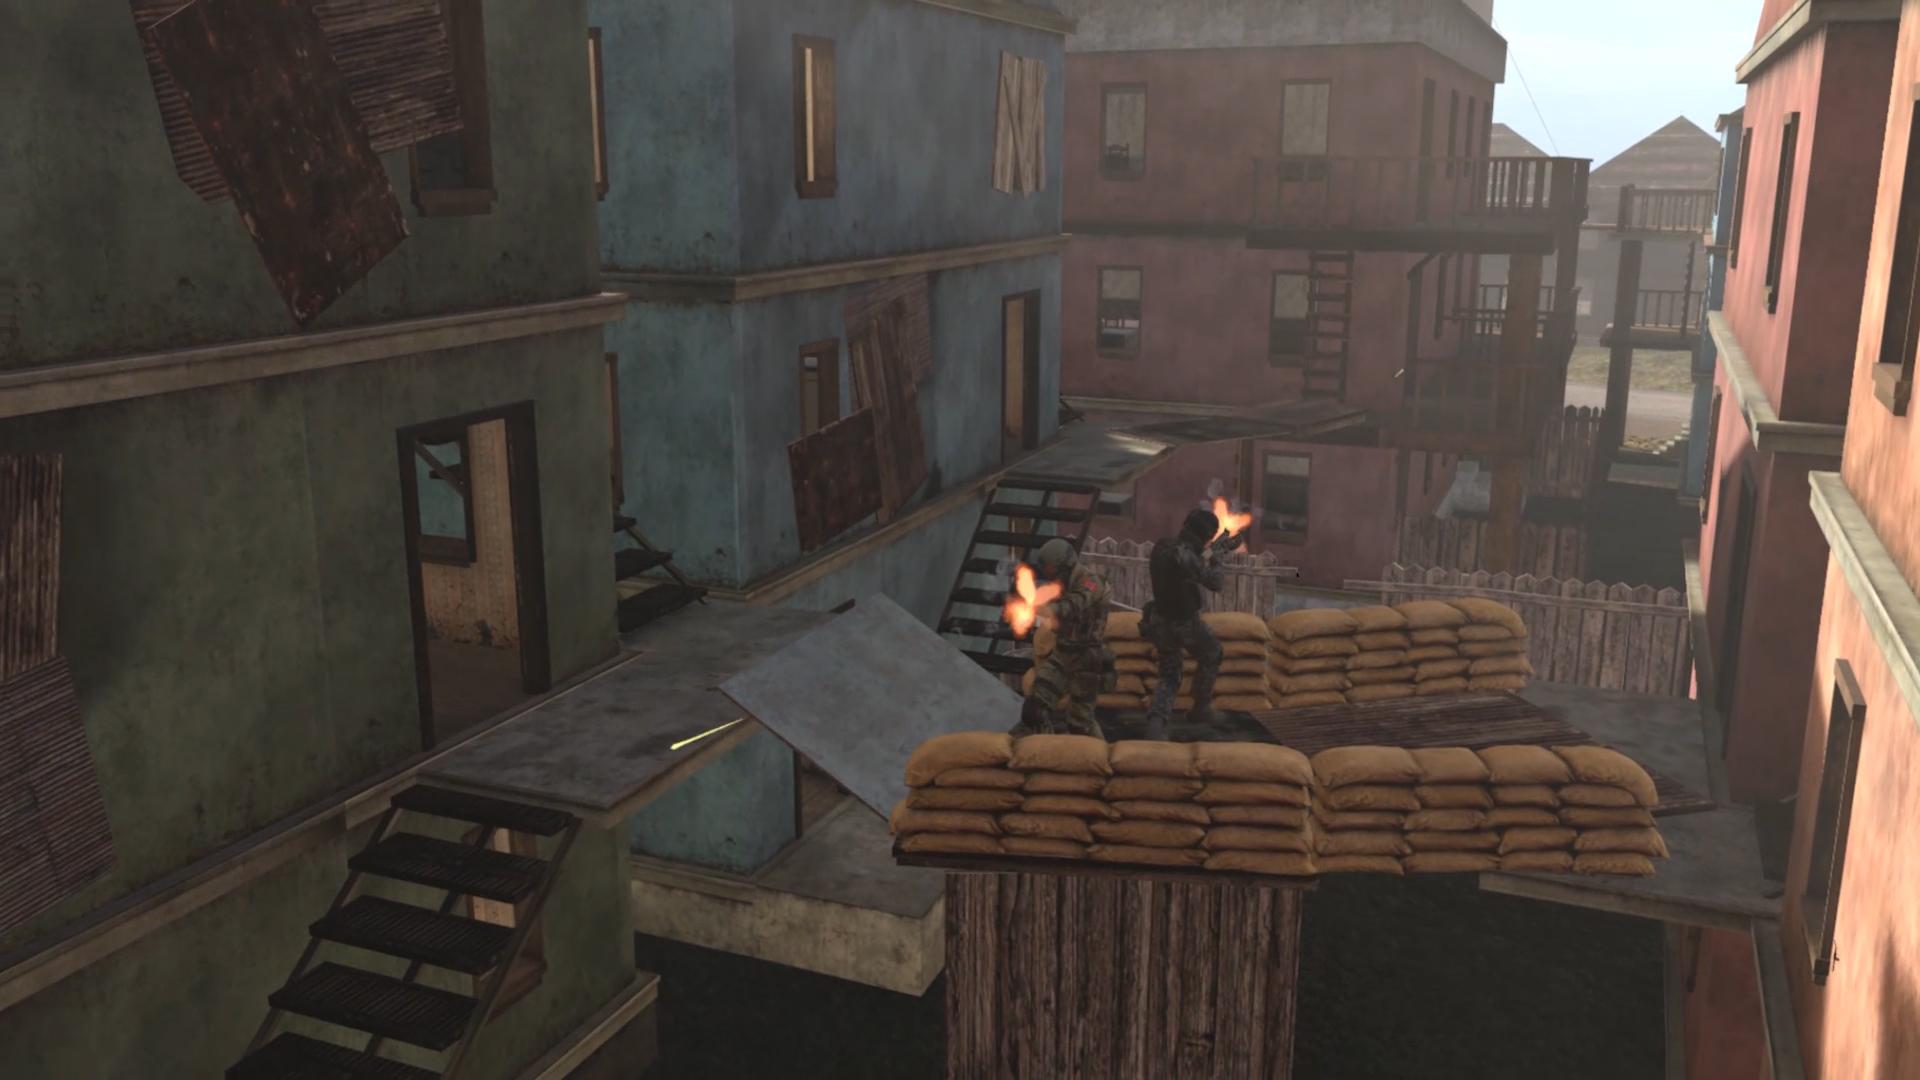 Virtual-Battlegrounds-Oculus-Rift-HTC-Vive-Windows-VR-Battle-Royale-Steam